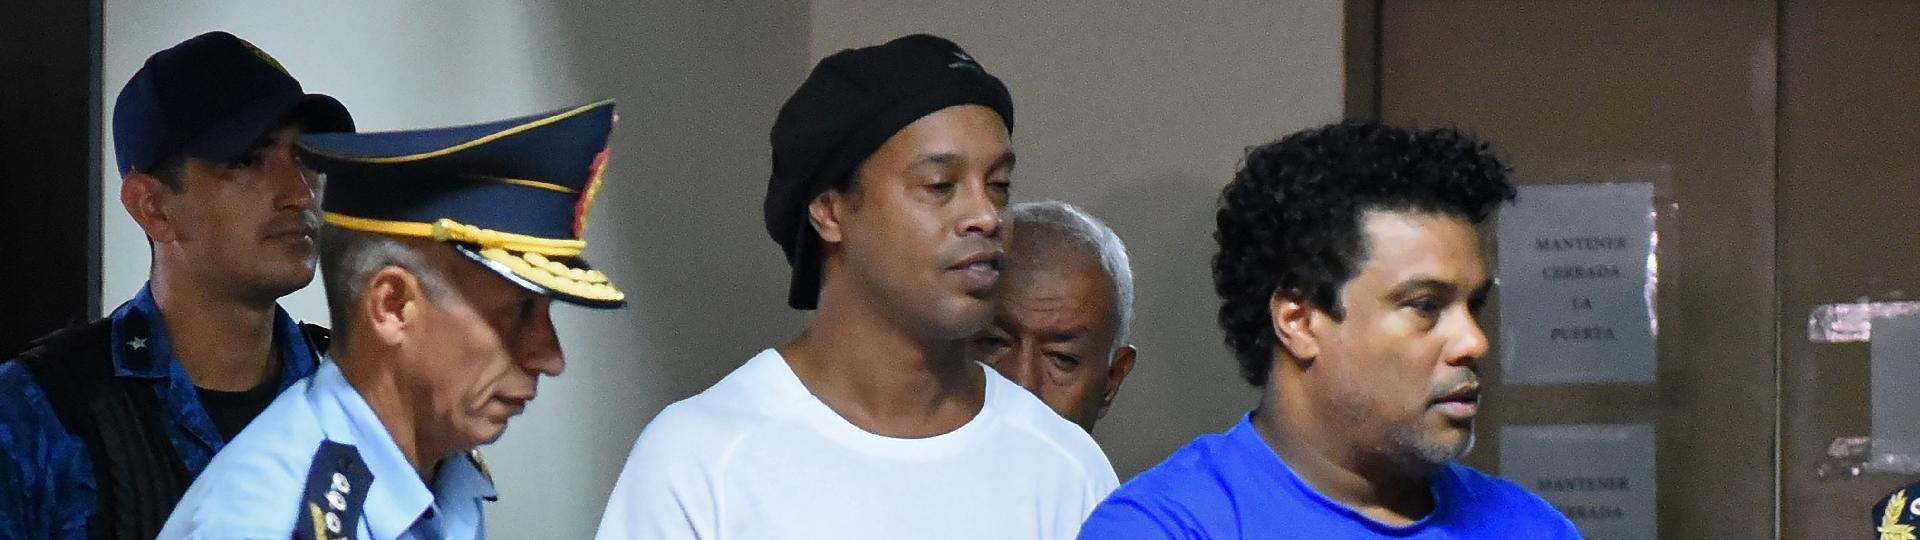 Ronaldinho e Assis chegam algemados para audiência de custódia